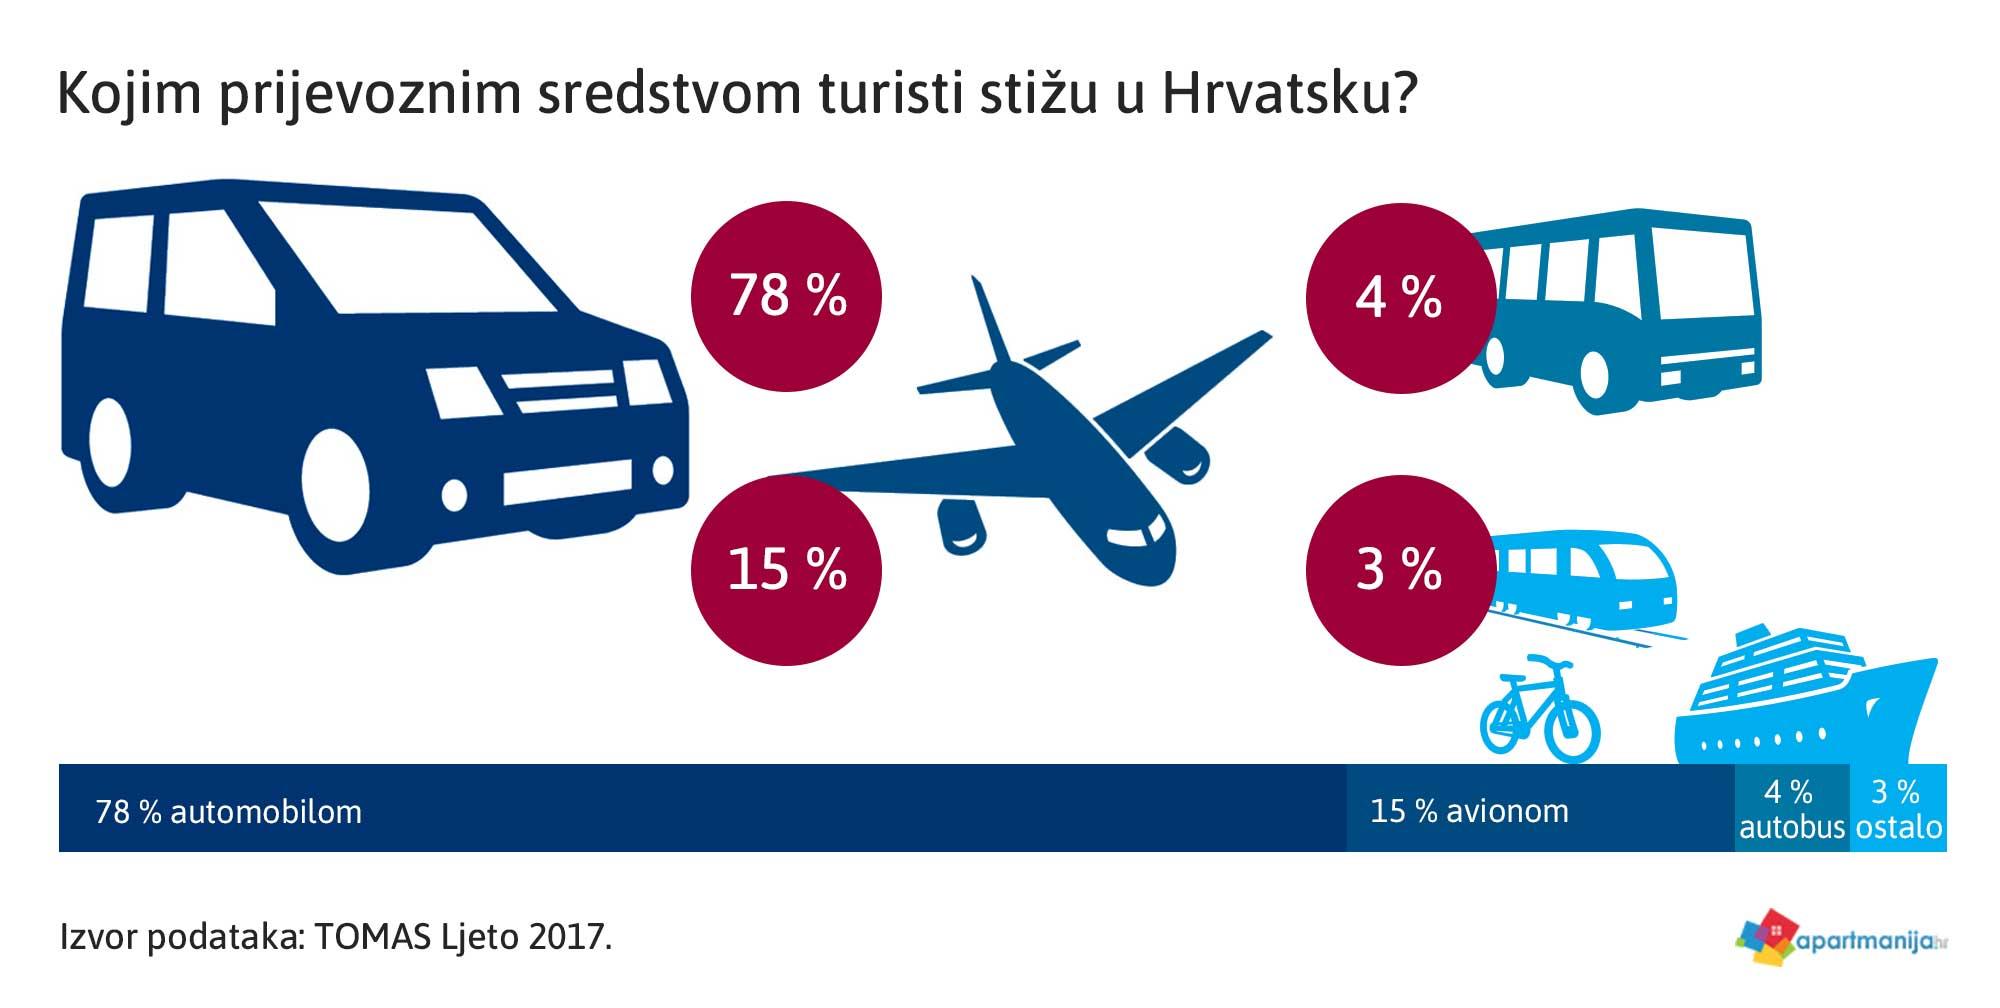 Kojim prijevoznim sredstvom turisti stižu u Hrvatsku? TOMAS Ljeto 2017.